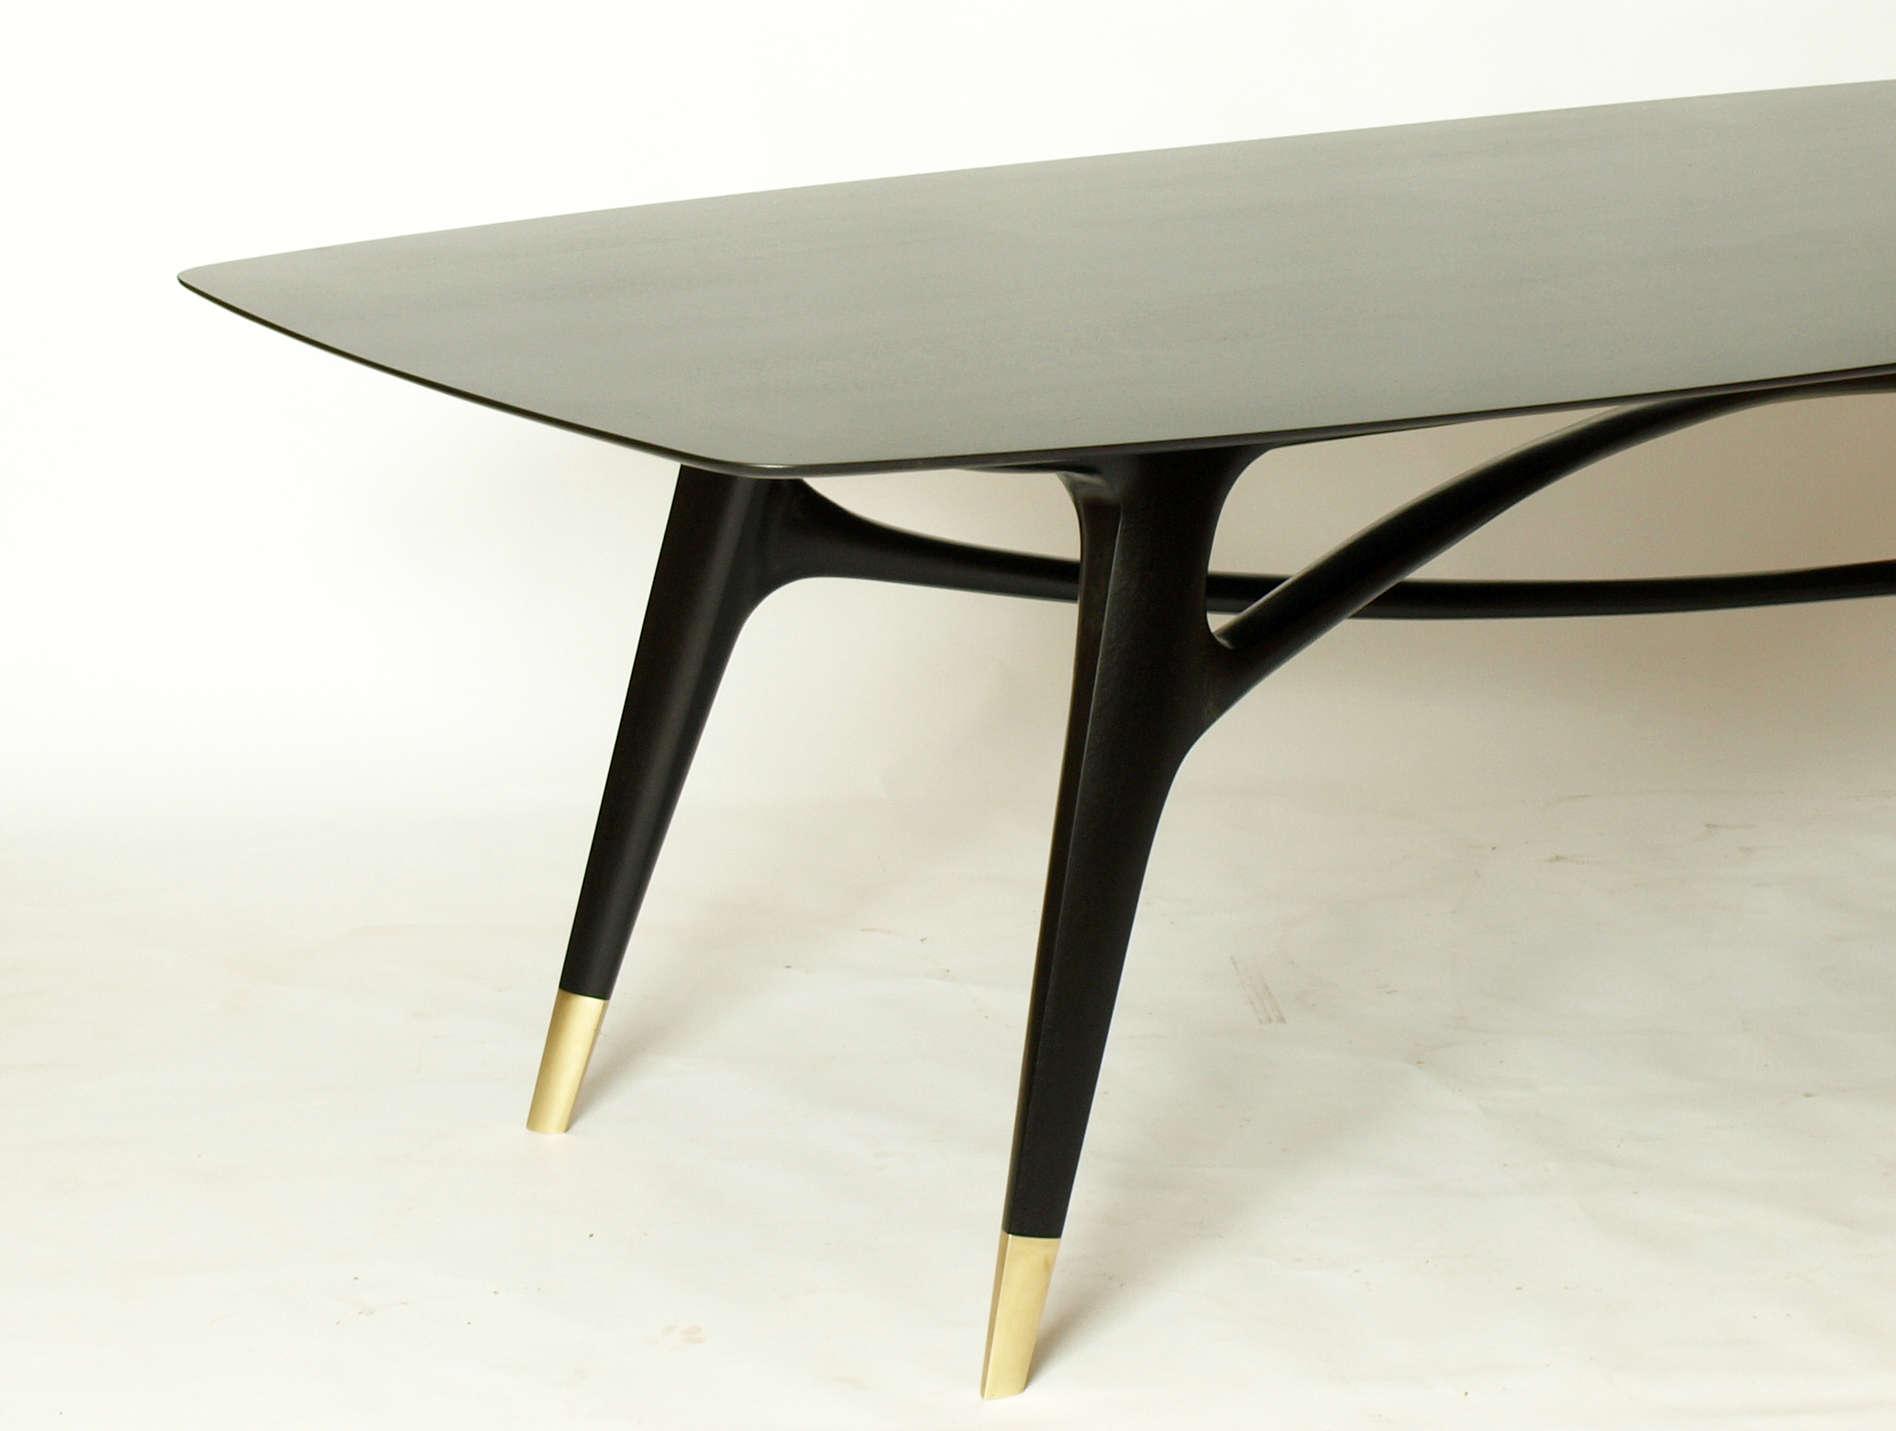 Esstisch aus massiver Eiche, schwarz lackiert mit goldenen Füßen